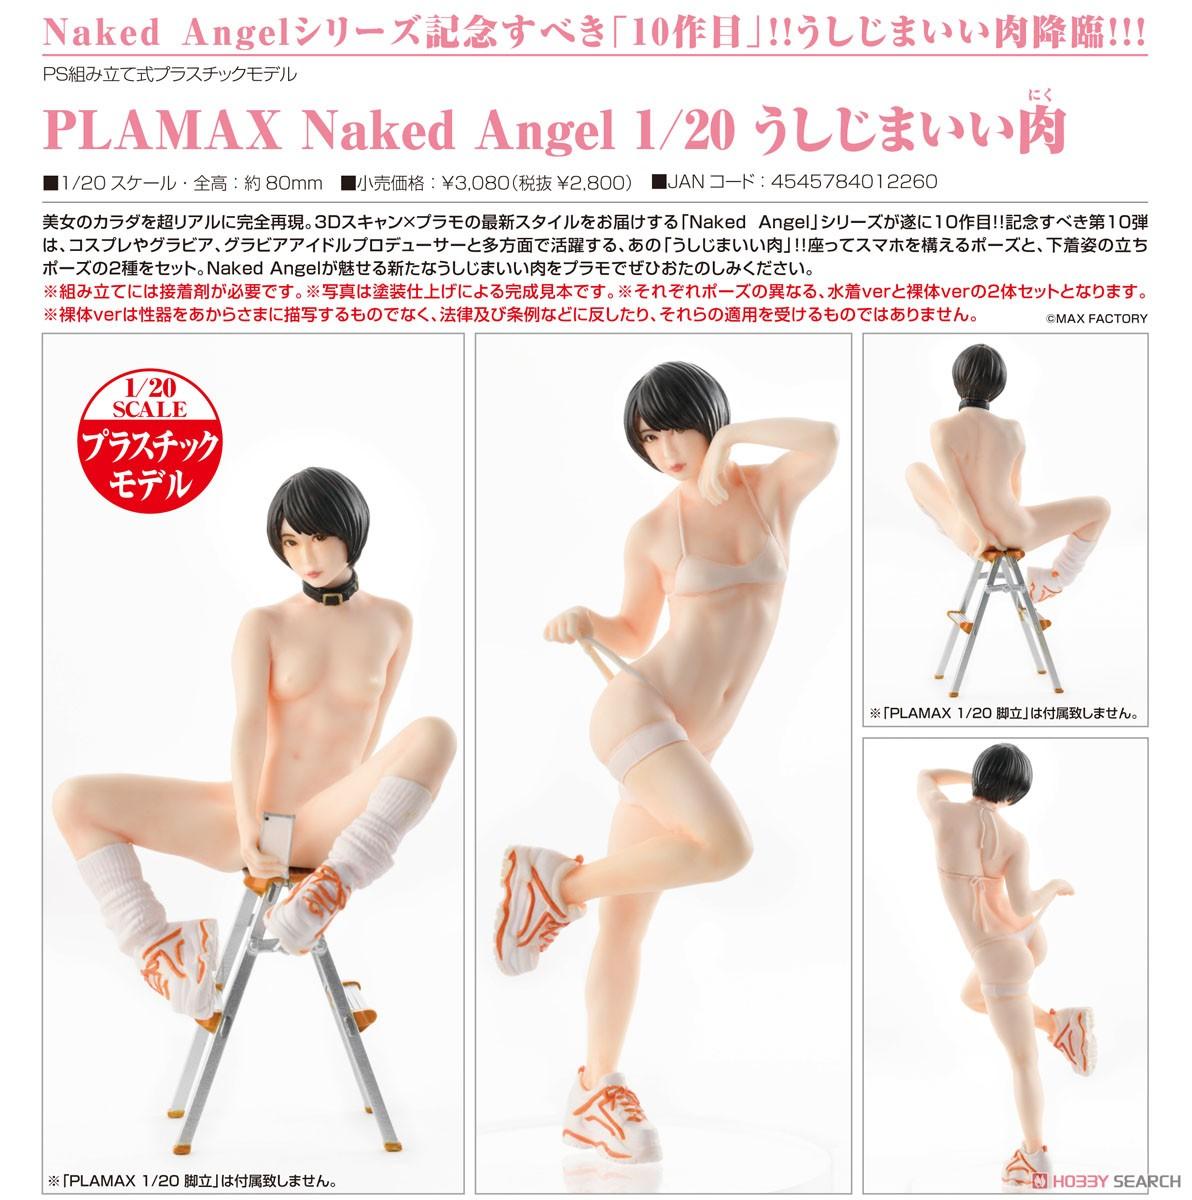 PLAMAX Naked Angel『うしじまいい肉』1/20 プラモデル-005